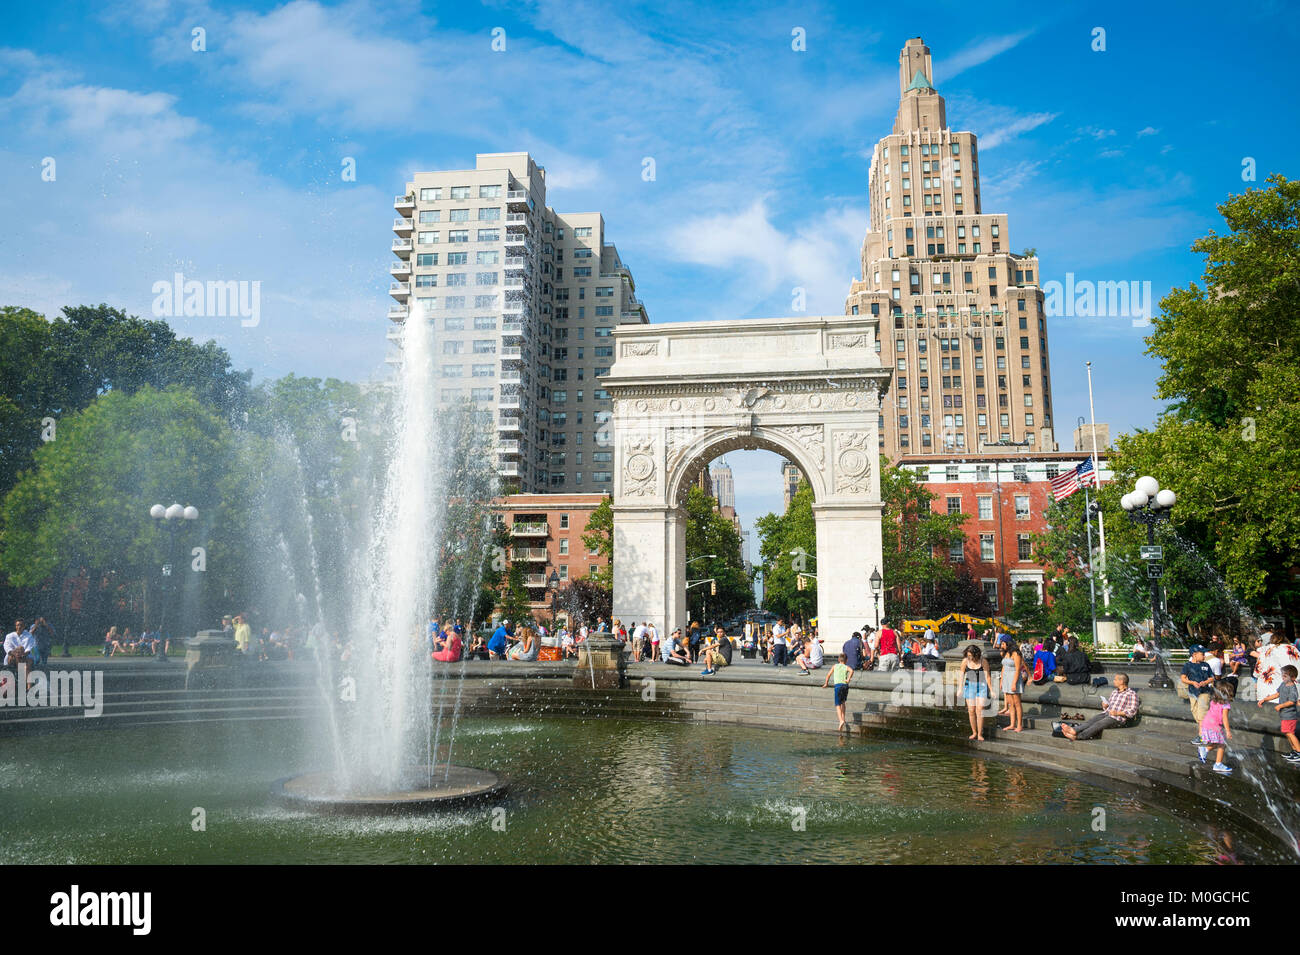 Schönen sonnigen Sommer am Nachmittag Blick auf den Brunnen und Arch am Washington Square Park in Greenwich Stockbild